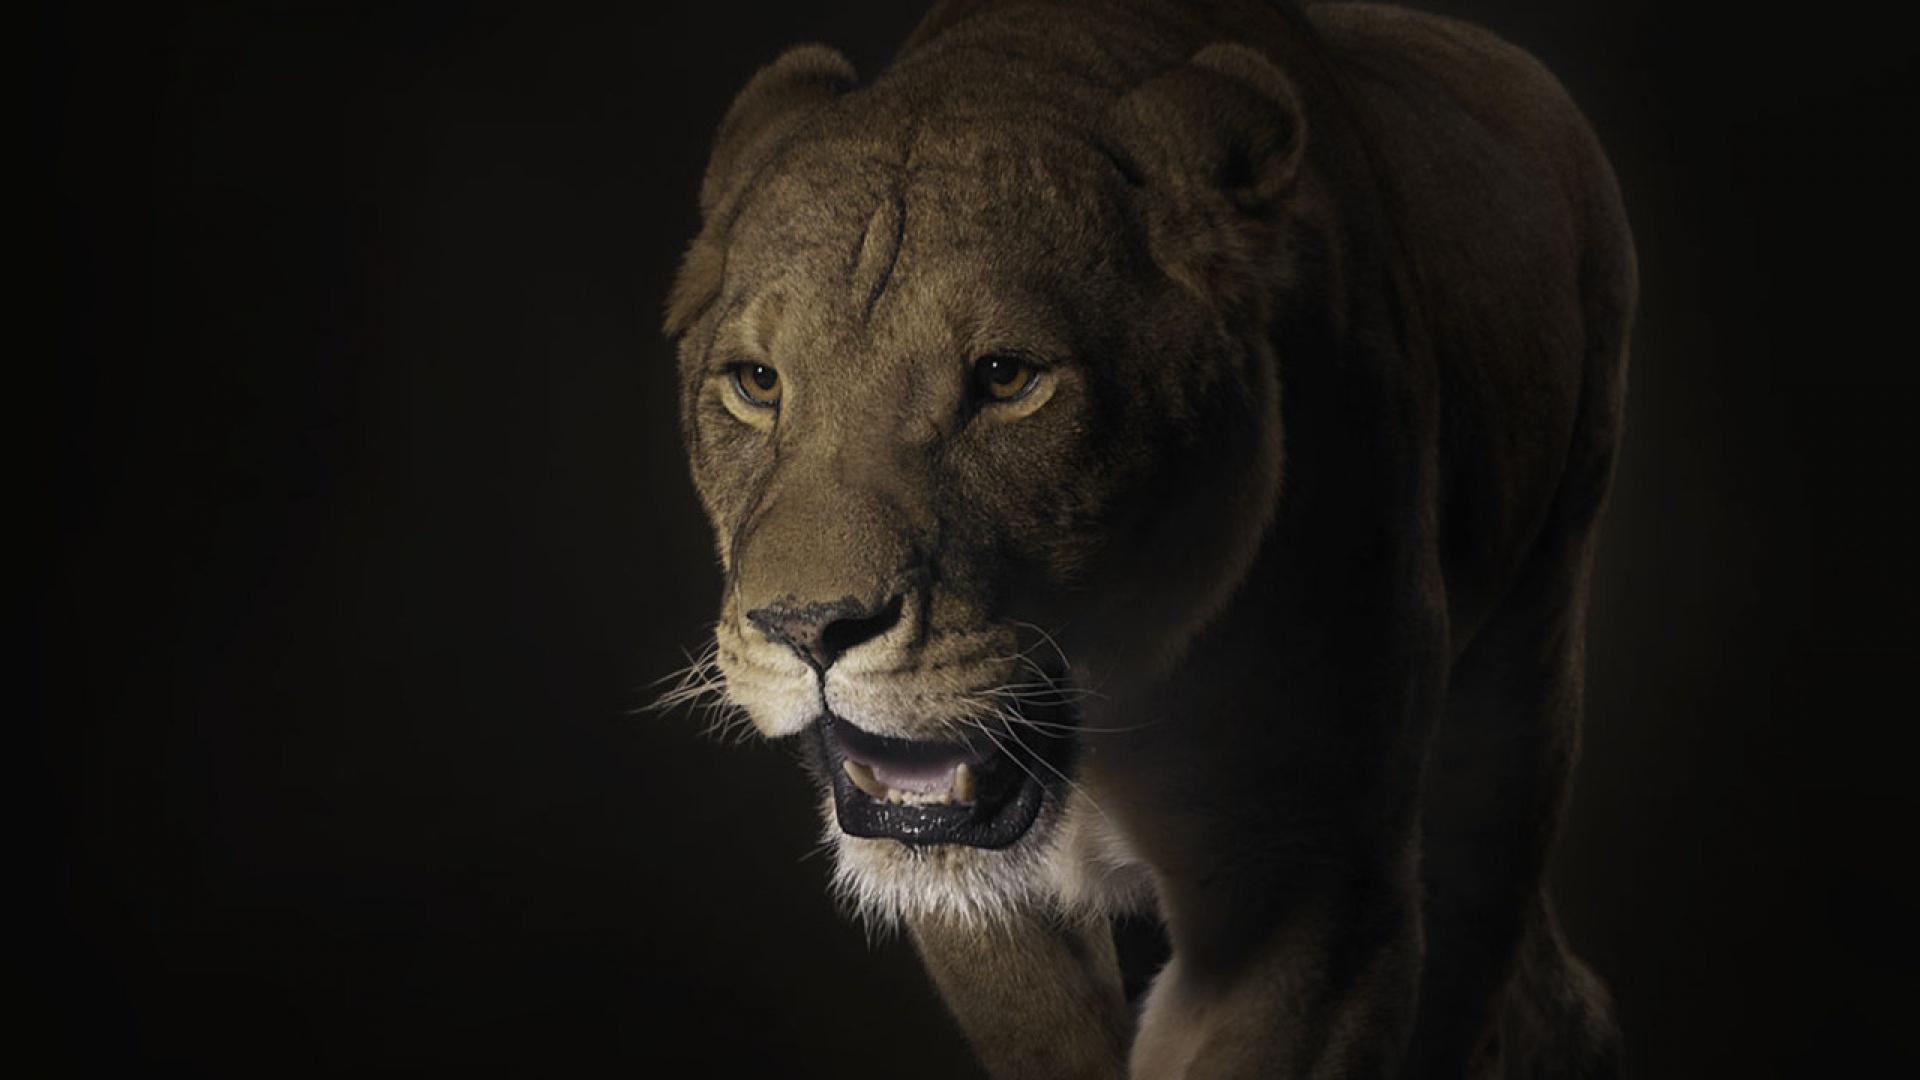 lion face wallpaper - photo #19